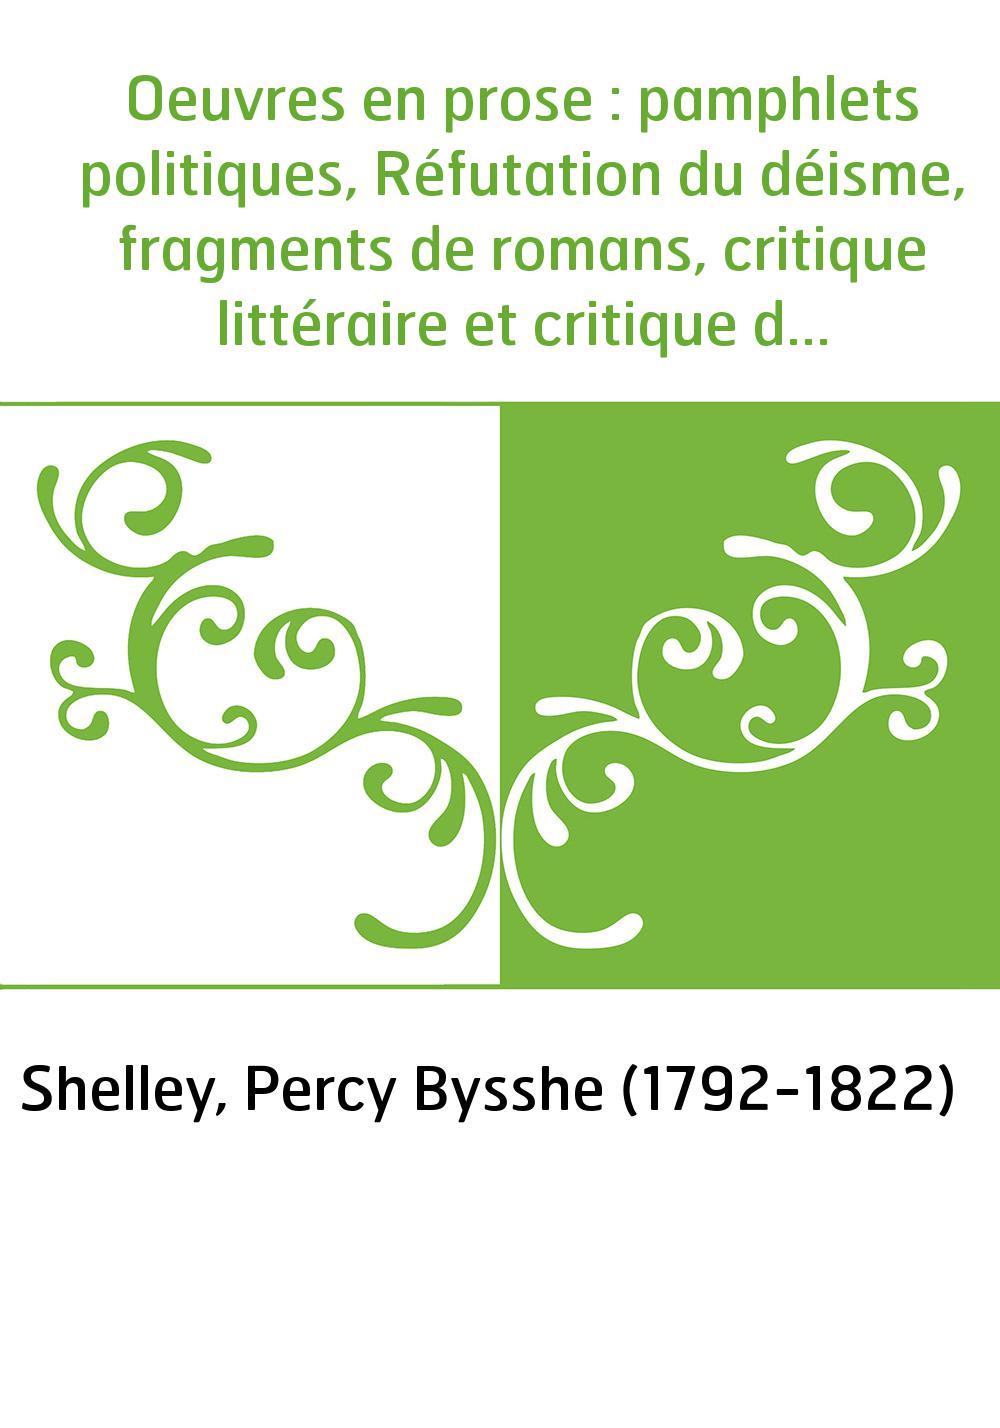 Oeuvres en prose : pamphlets politiques, Réfutation du déisme, fragments de romans, critique littéraire et critique d'art, philo